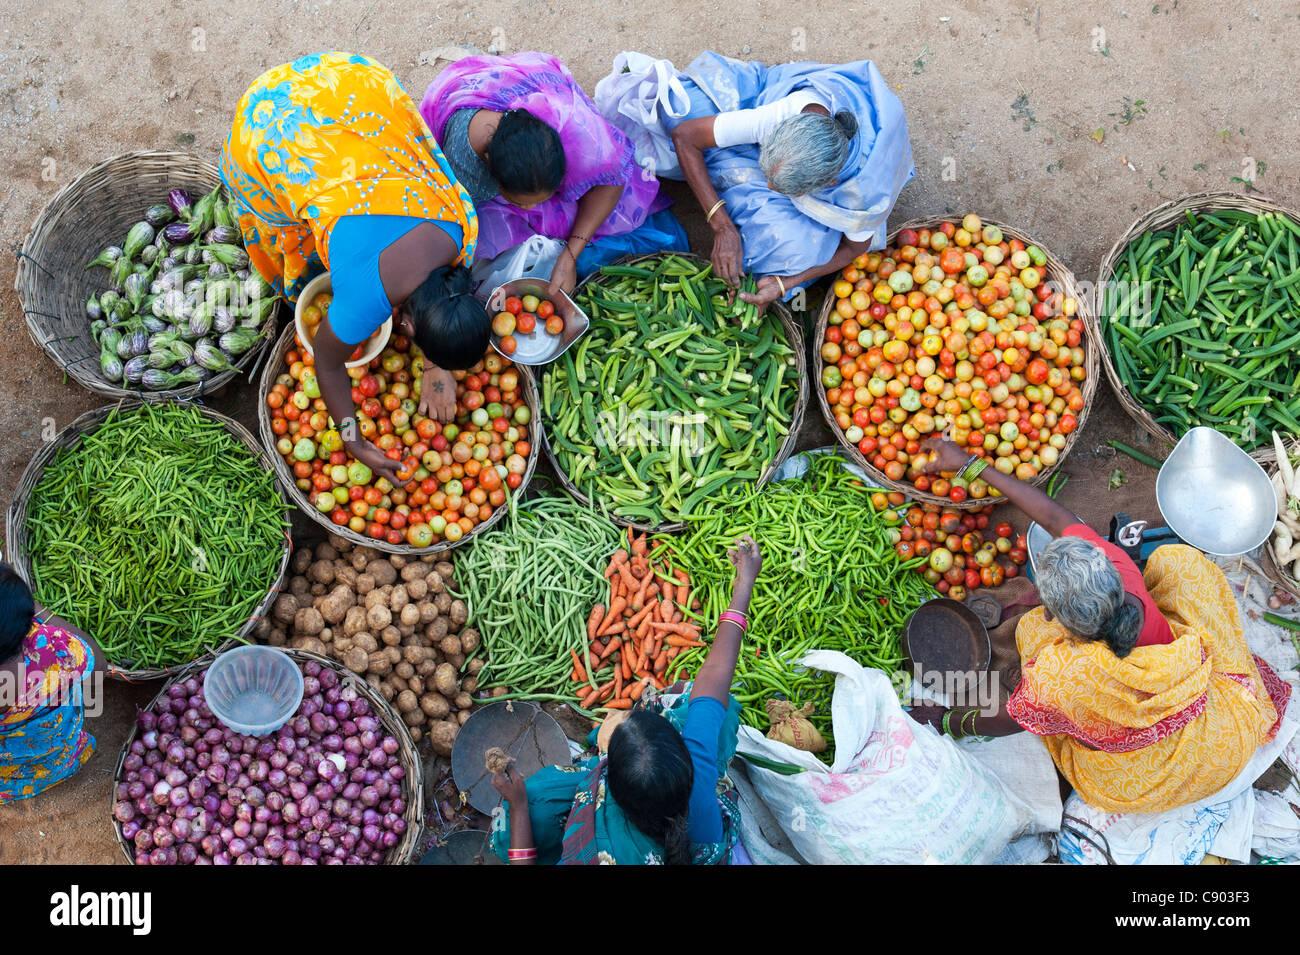 Indische Frauen kaufen Gemüse aus einer Straße Markt in Puttaparthi, Andhra Pradesh, Indien Stockbild